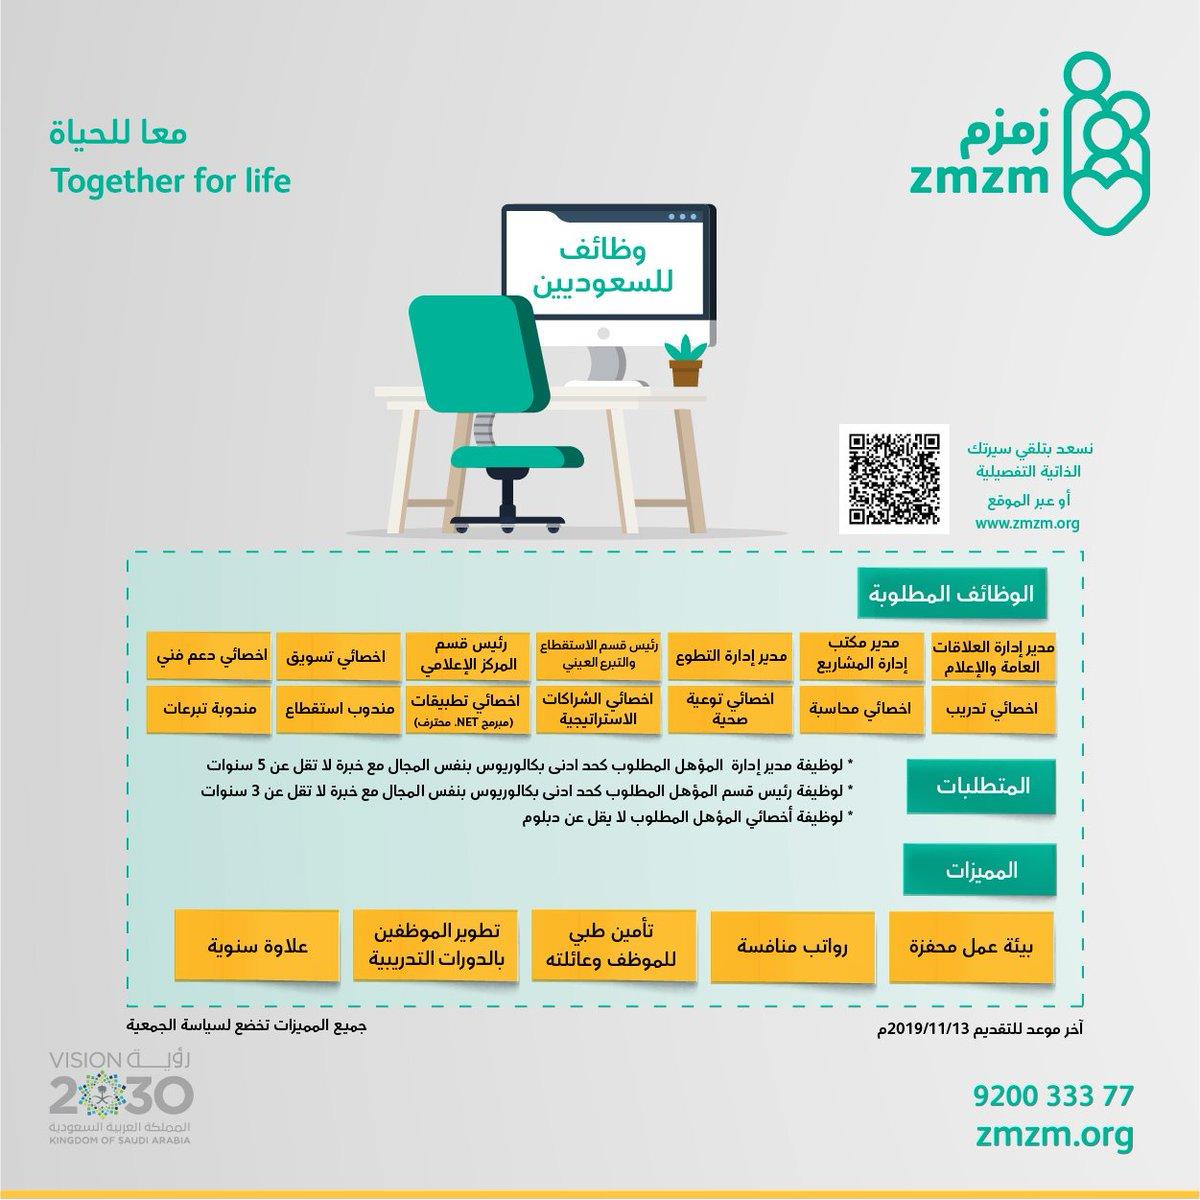 وظائف إدارية متنوعة  للسعوديين في #جمعية_زمزم بجدة   رابط التوظيف : https://forms.office.com/Pages/ResponsePage.aspx?id=ZDJvHRVSak-eSfKIqeFy8bhOQ7AVXs1IuxyyBBdJRPhUOE1LS0VZV0lWMk1KVkZIODNRSjhFRjBQVy4u